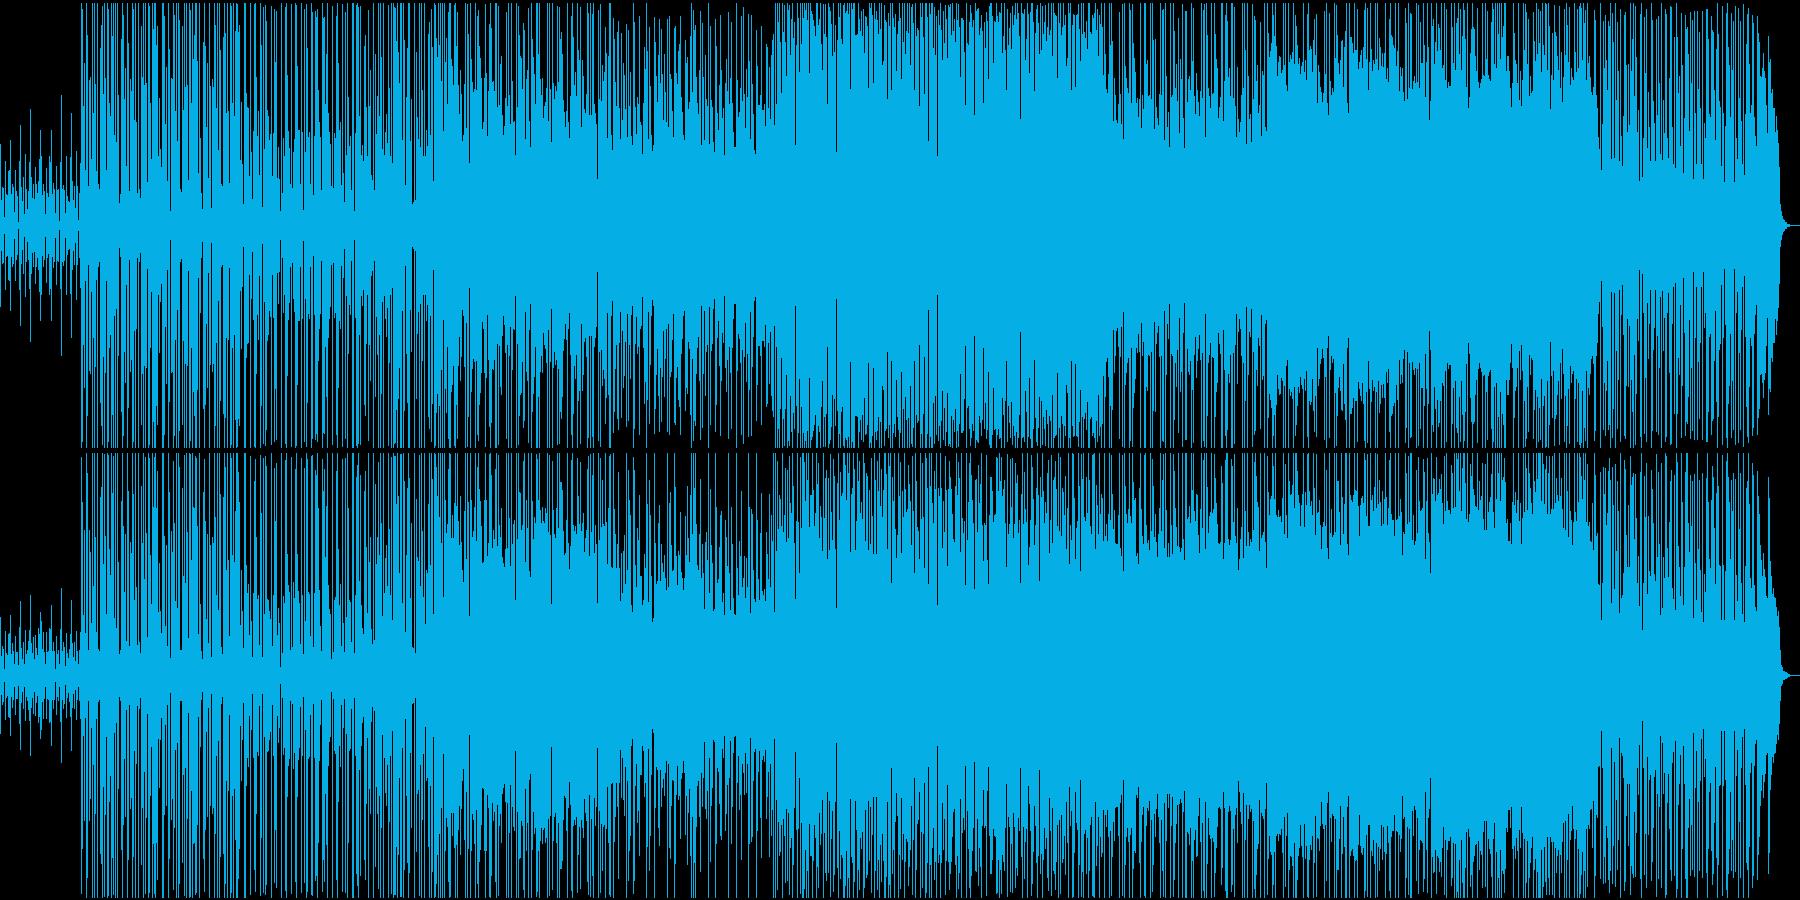 華やかで祝福の雰囲気の音楽の再生済みの波形